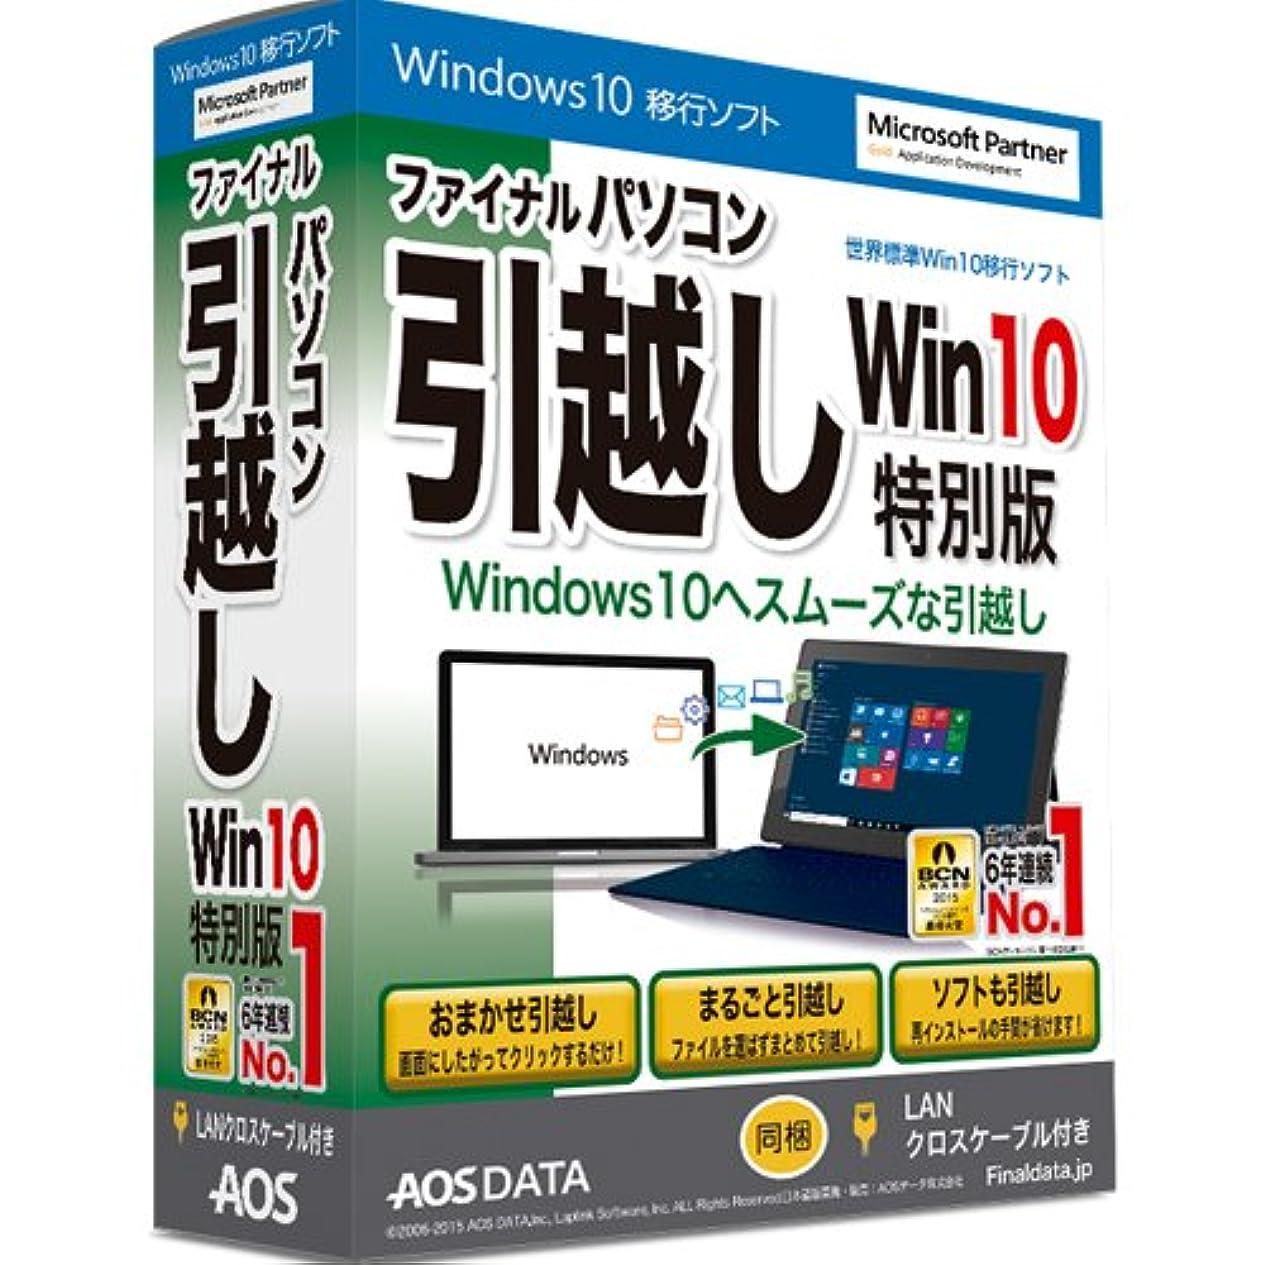 マイナースチュワーデスイディオムファイナルパソコン引越し Win10特別 LANクロスケーブル付